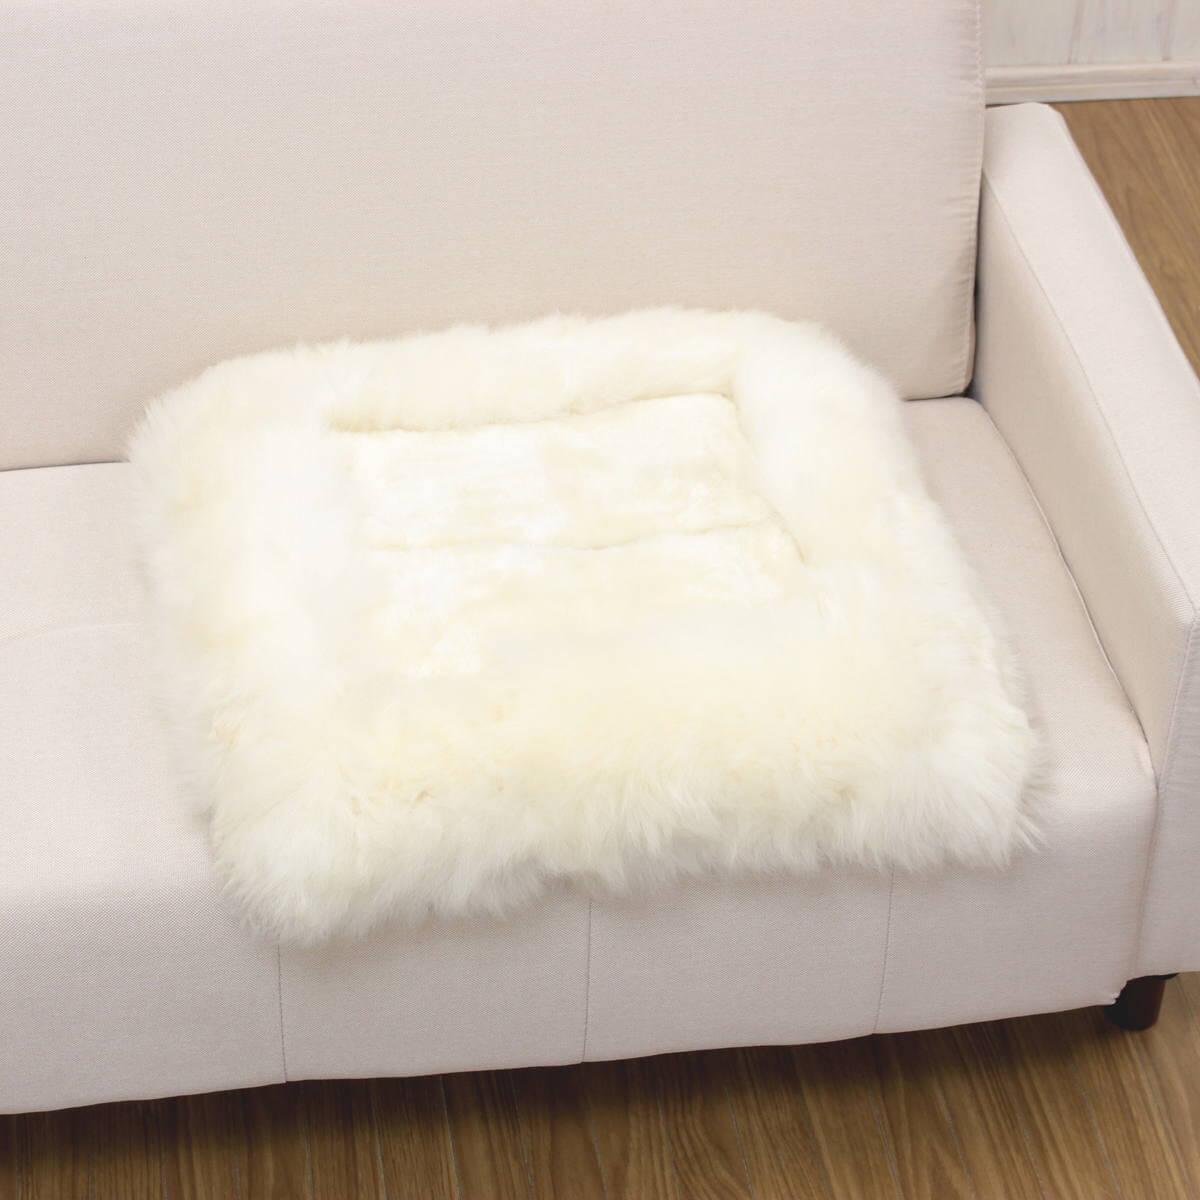 ムートンシートクッション(アイボリー)をソファに置いた一例です。